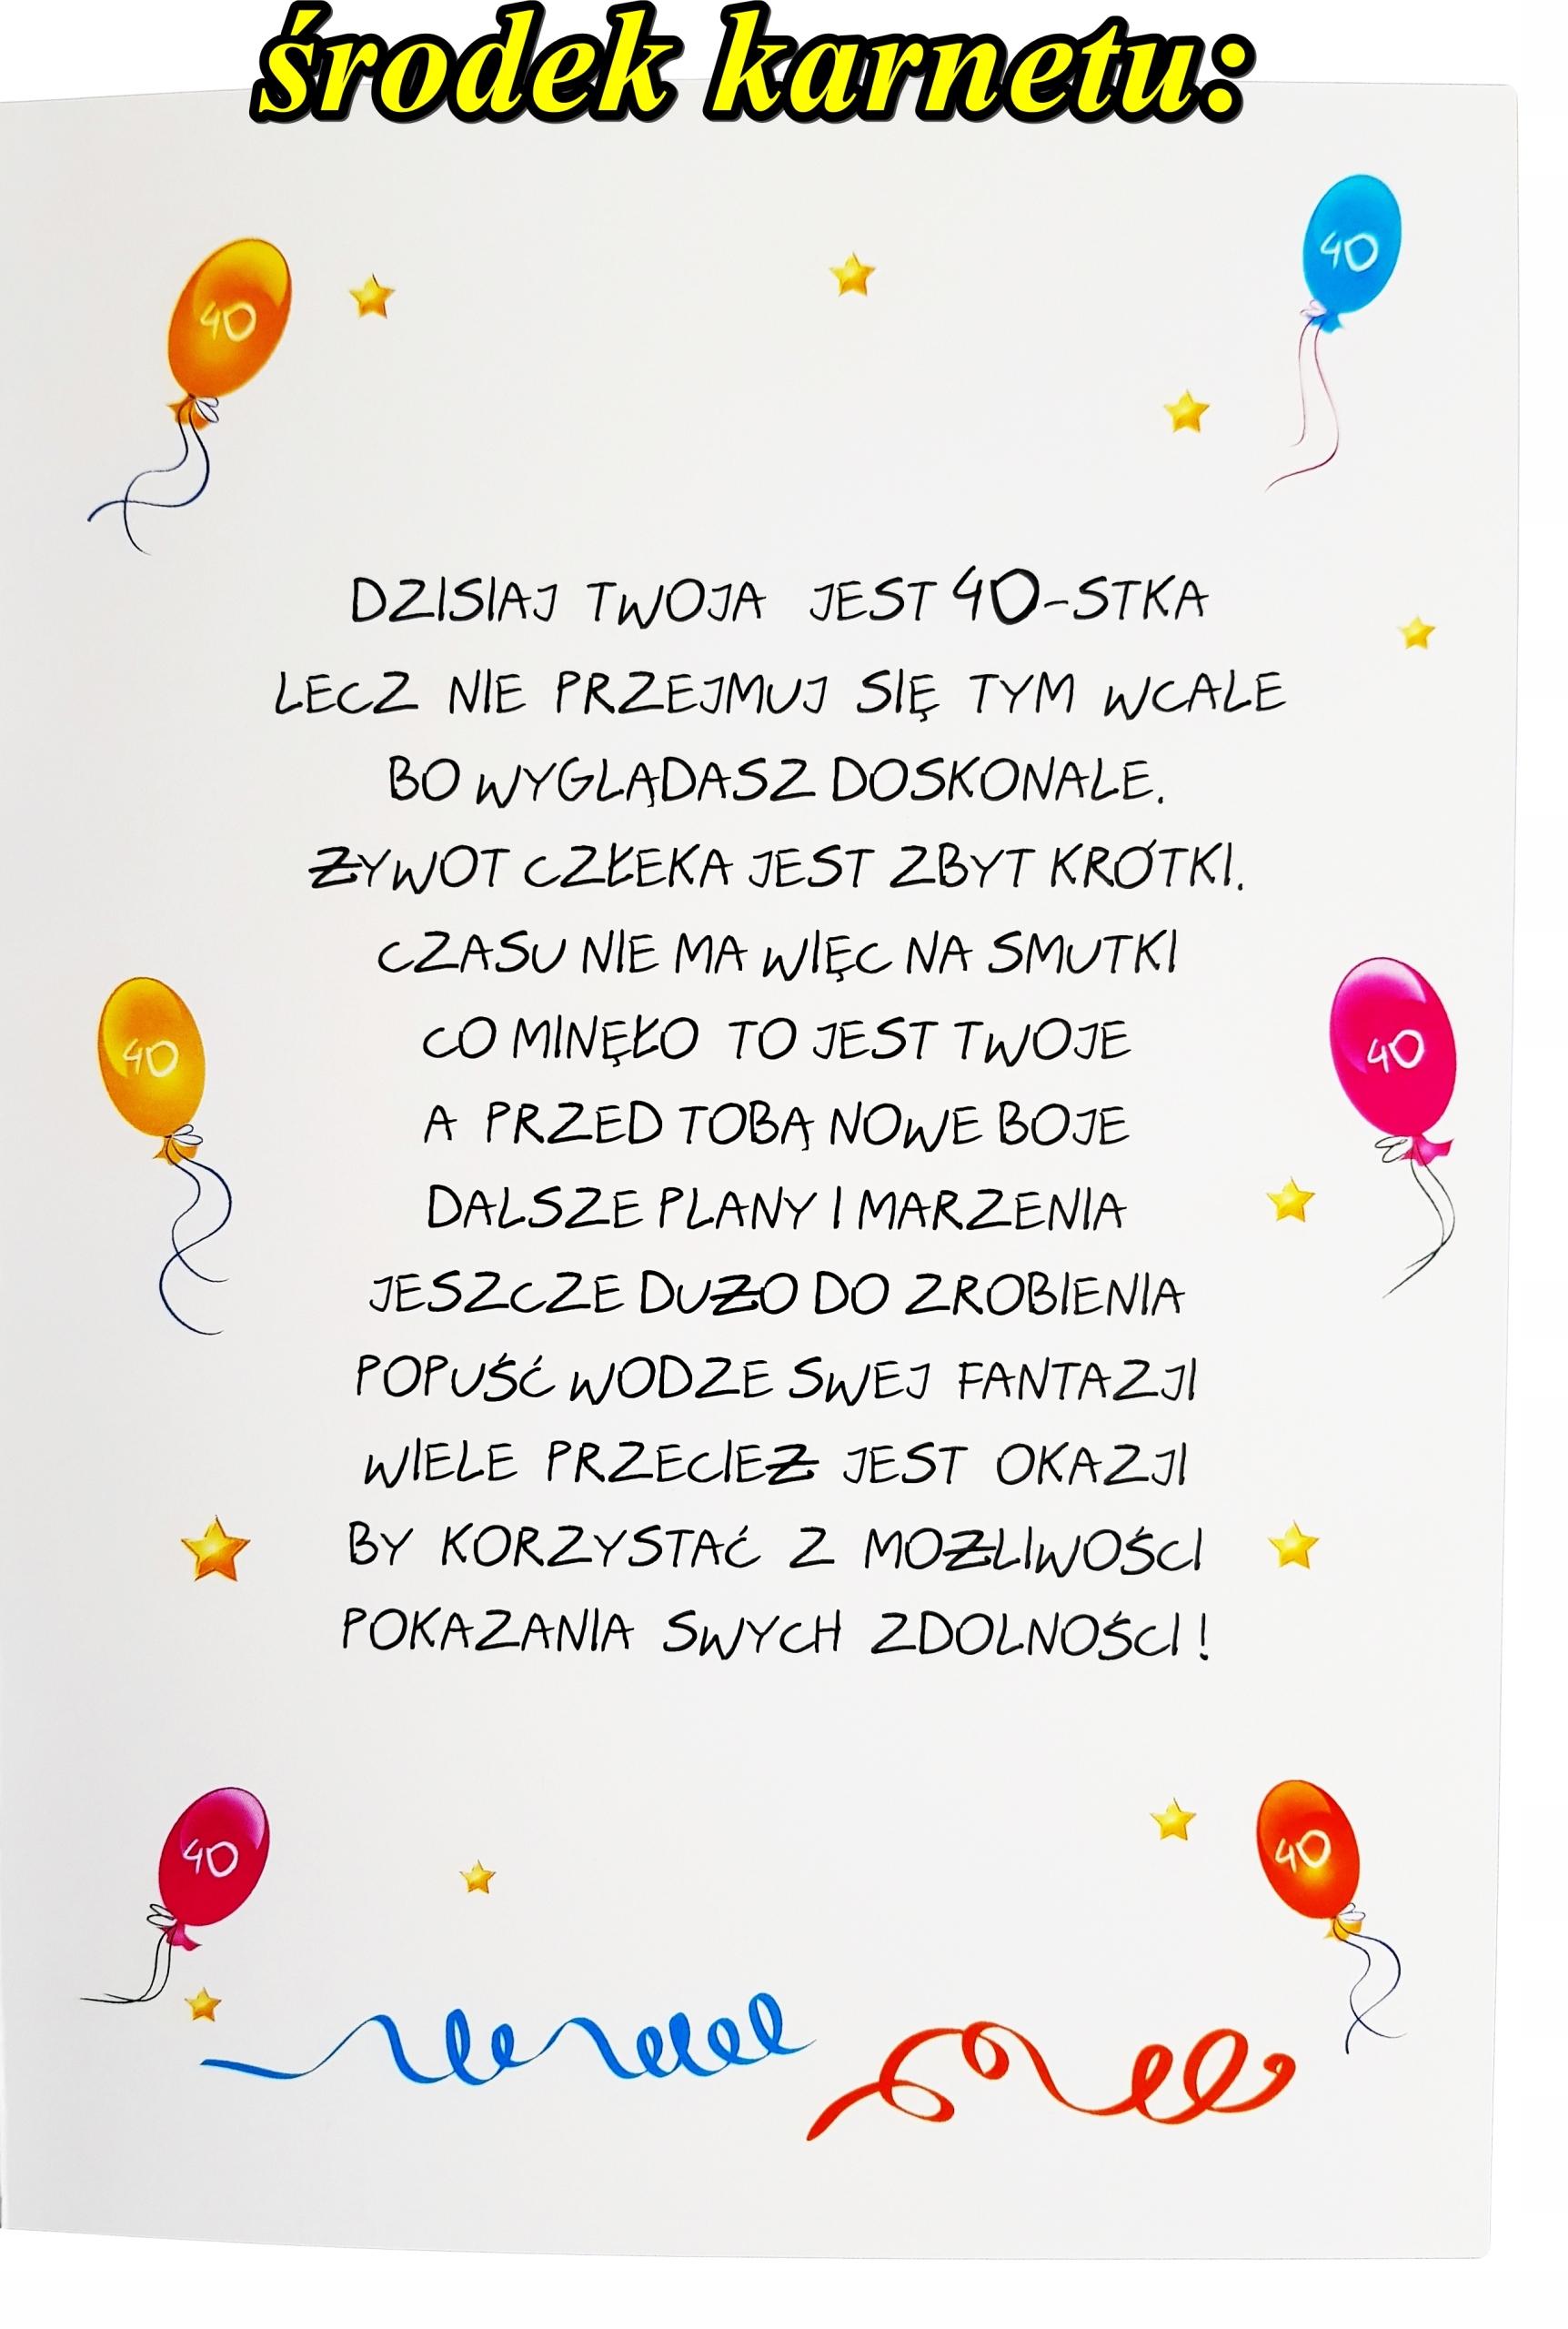 Ogromna Kartka Xxl Na 40 Urodziny Dla Faceta